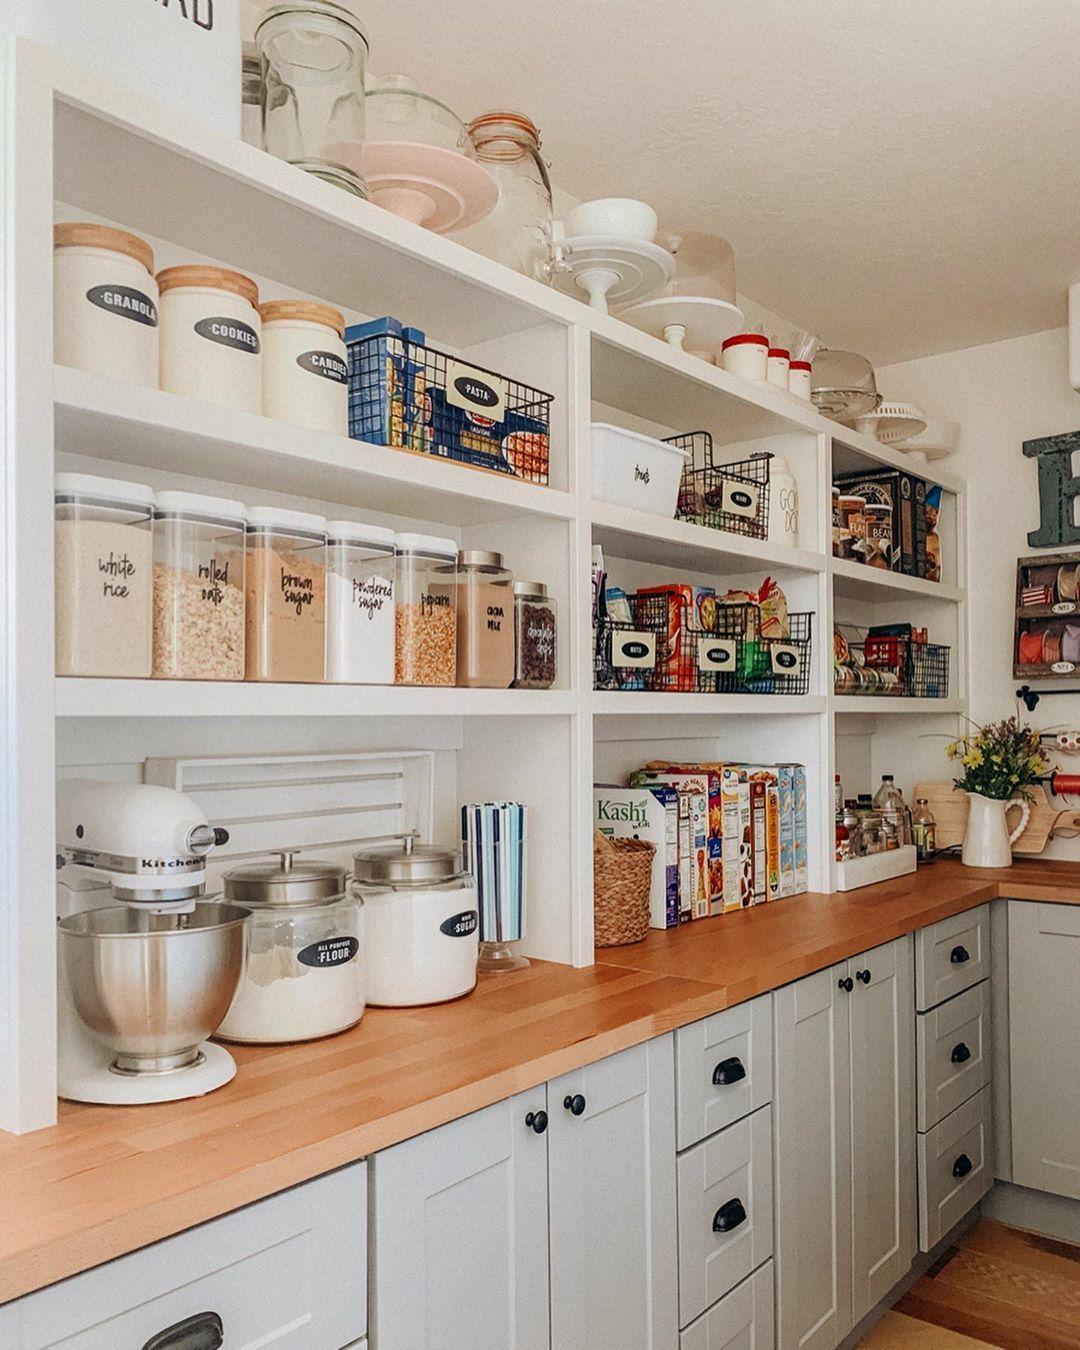 kari interior designer on instagram wish list get pantry organized matching baskets cute on kitchen organization layout id=96781